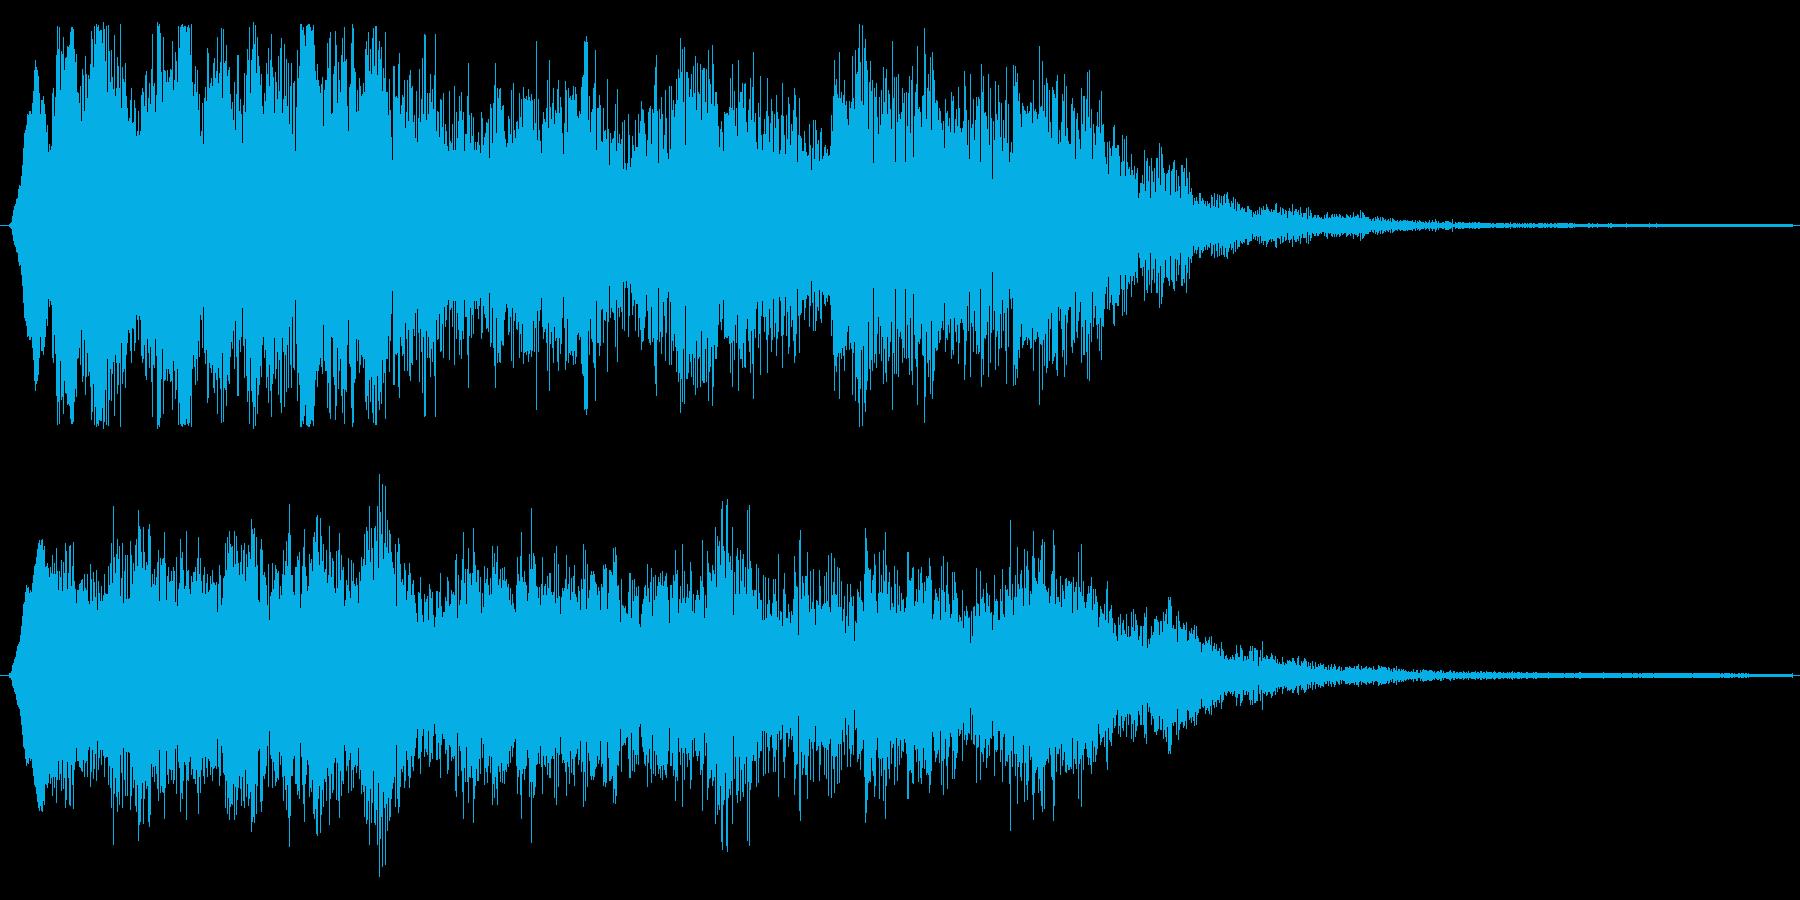 クラシカルな場面転換 バイオリンフレーズの再生済みの波形